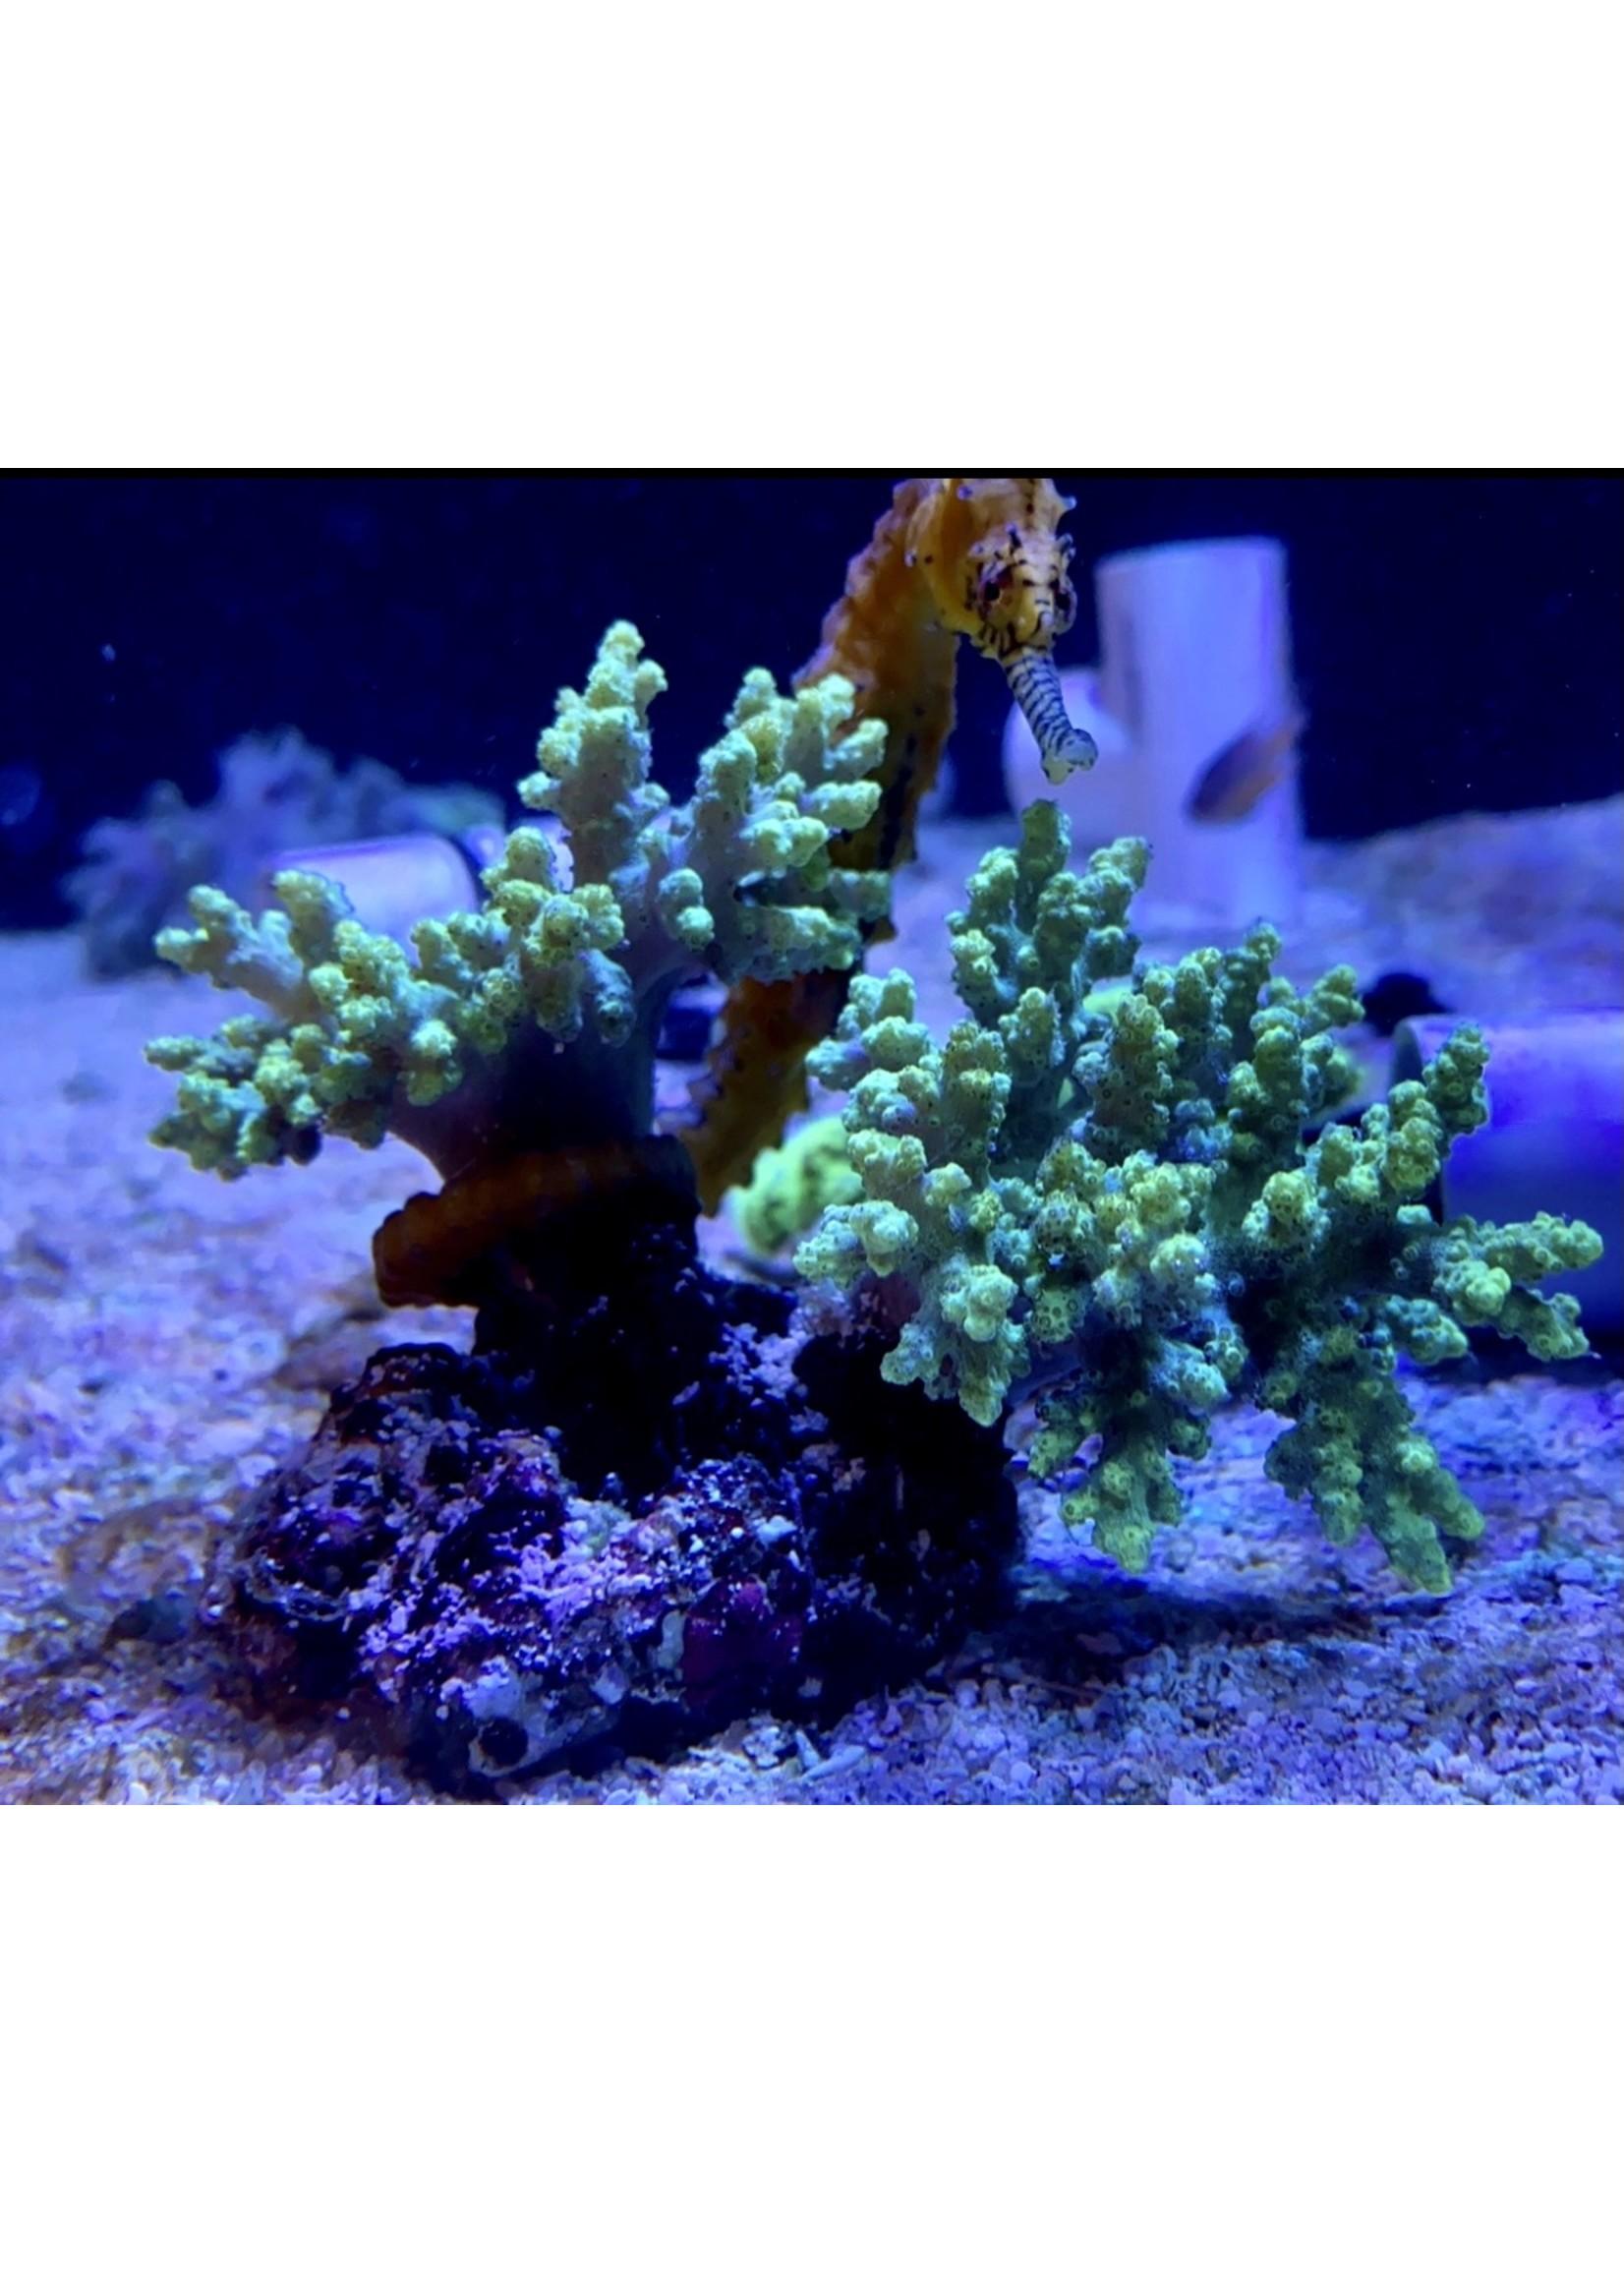 Leather coral Kupang Sinularia coral